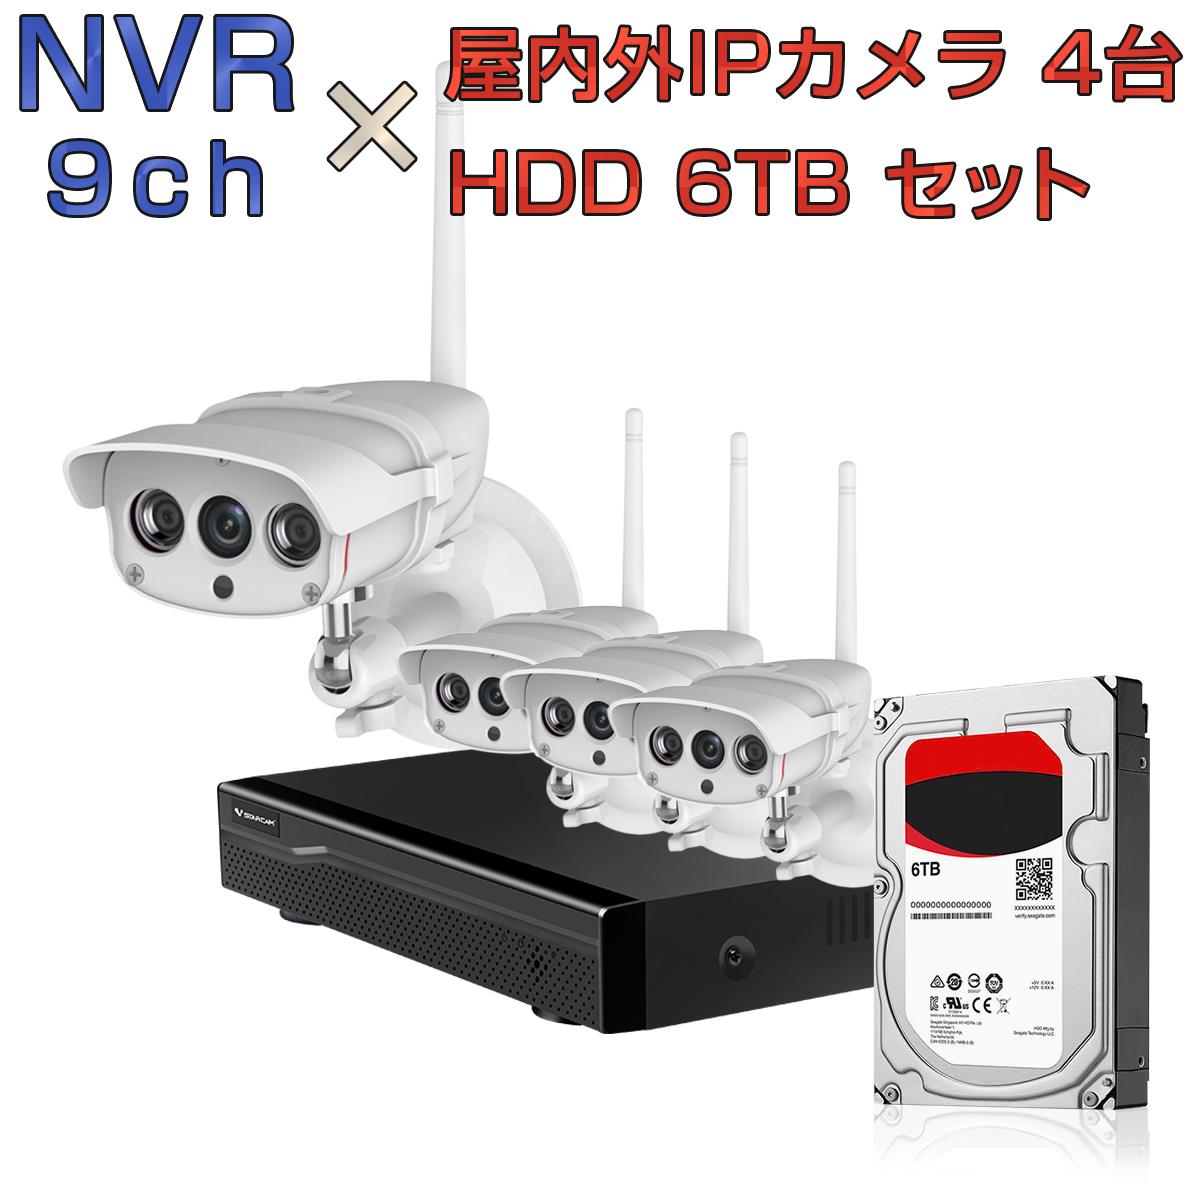 NVR ネットワークビデオレコーダー 9ch HDD6TB内蔵 C16S 2K 1080P 200万画素カメラ 4台セット IP ONVIF形式 スマホ対応 遠隔監視 1080P FHD 動体検知 同時出力 録音対応 H.265+ IPカメラレコーダー監視システム 宅配便送料無料 1年保証